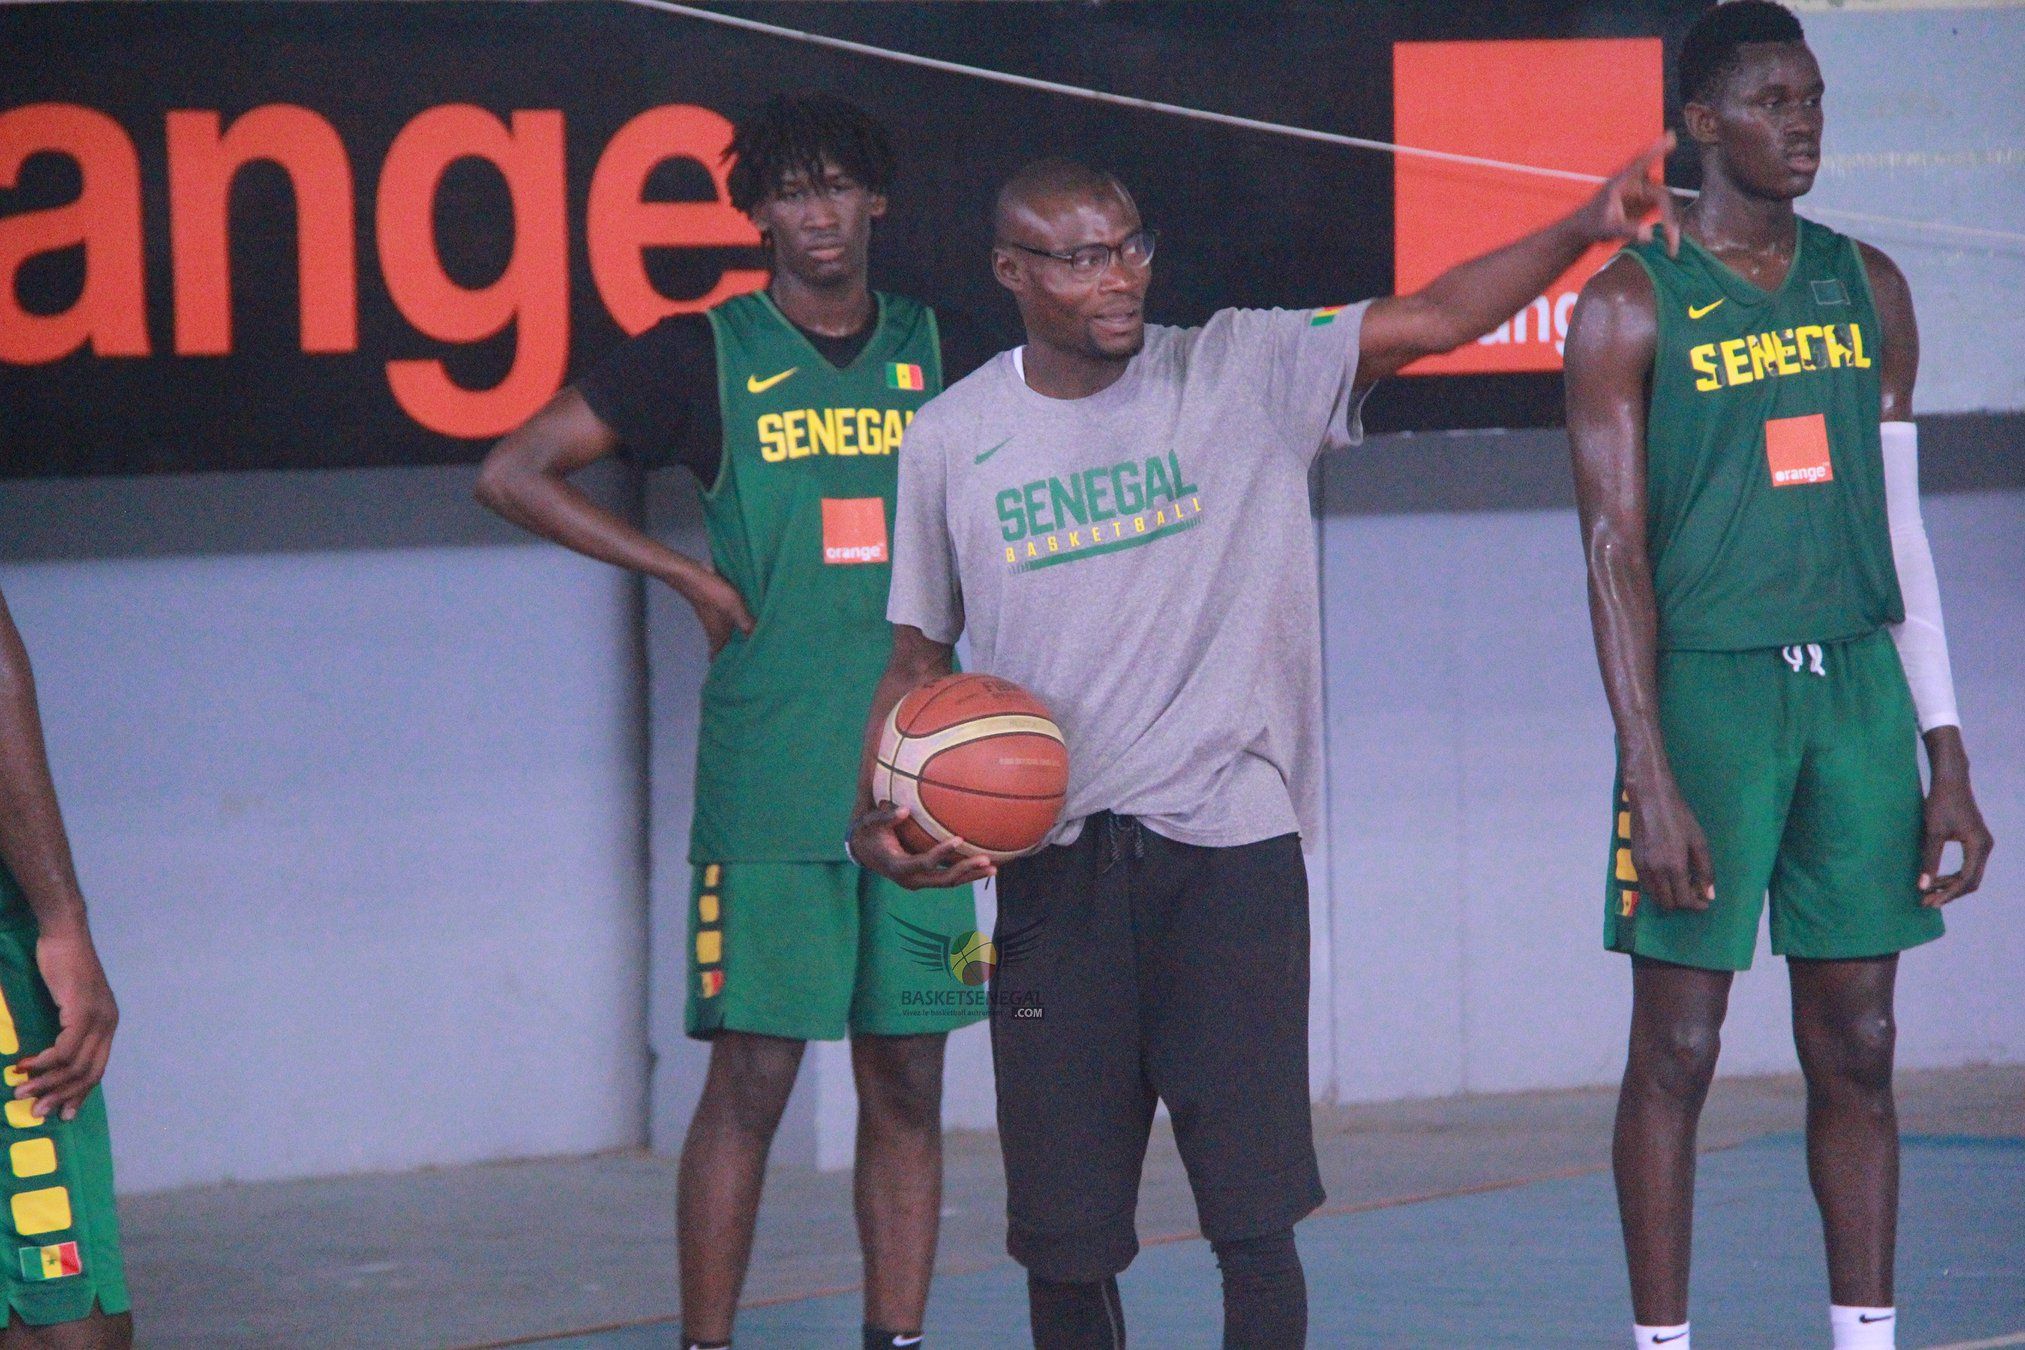 - Un groupe de personnes debout sur un court - Basketball 3x3